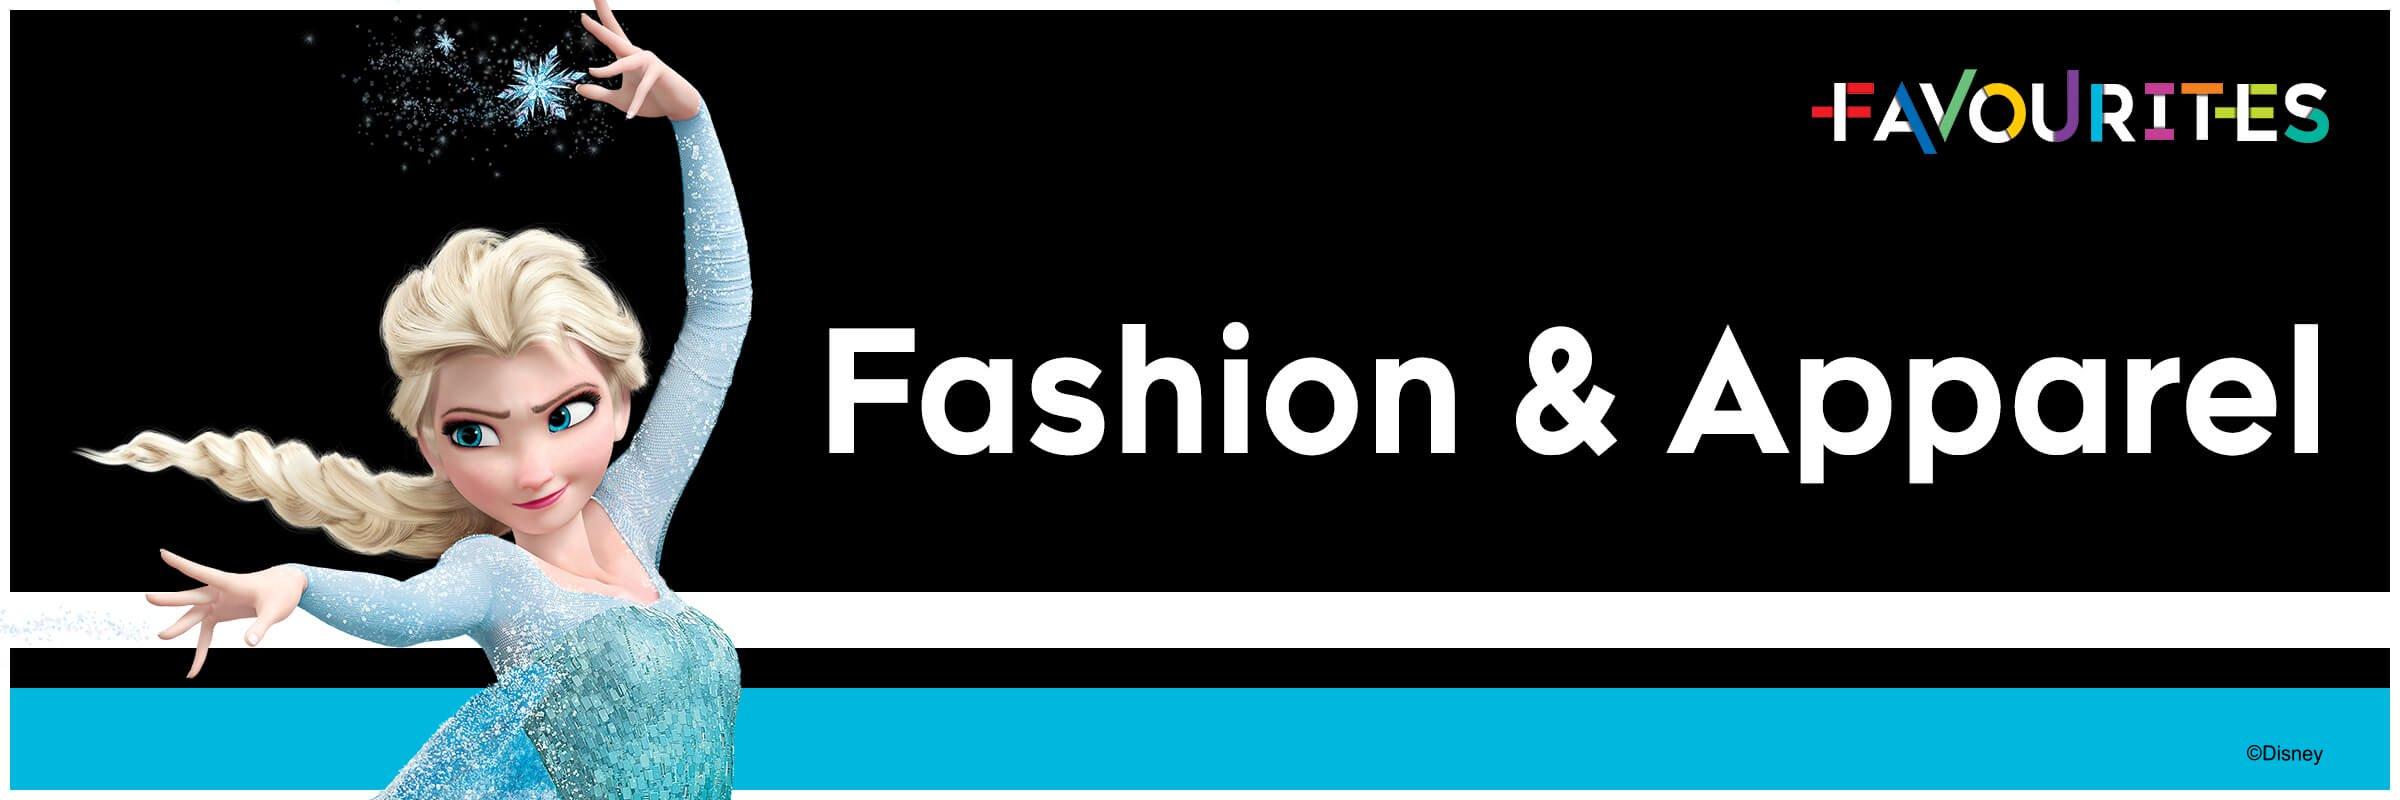 Disney - Fashion & Apparel